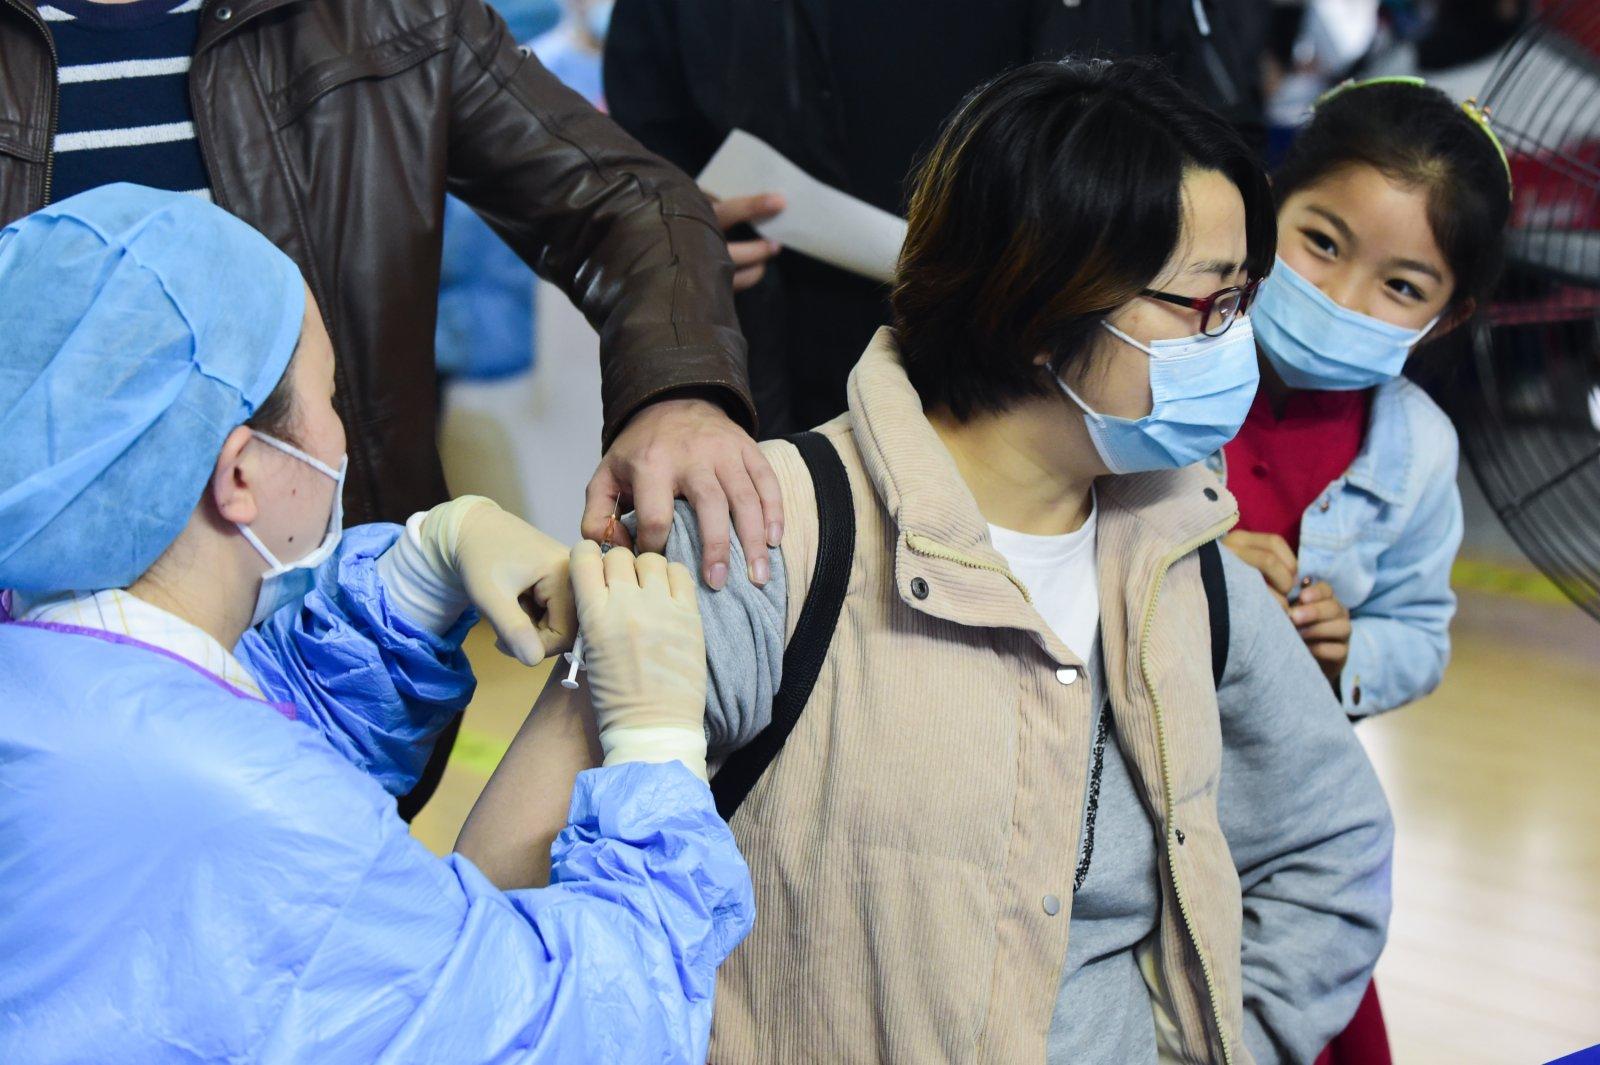 5月16日,在合肥市蜀山區奧體中心方艙接種點,市民進行新冠疫苗接種。(新華社)